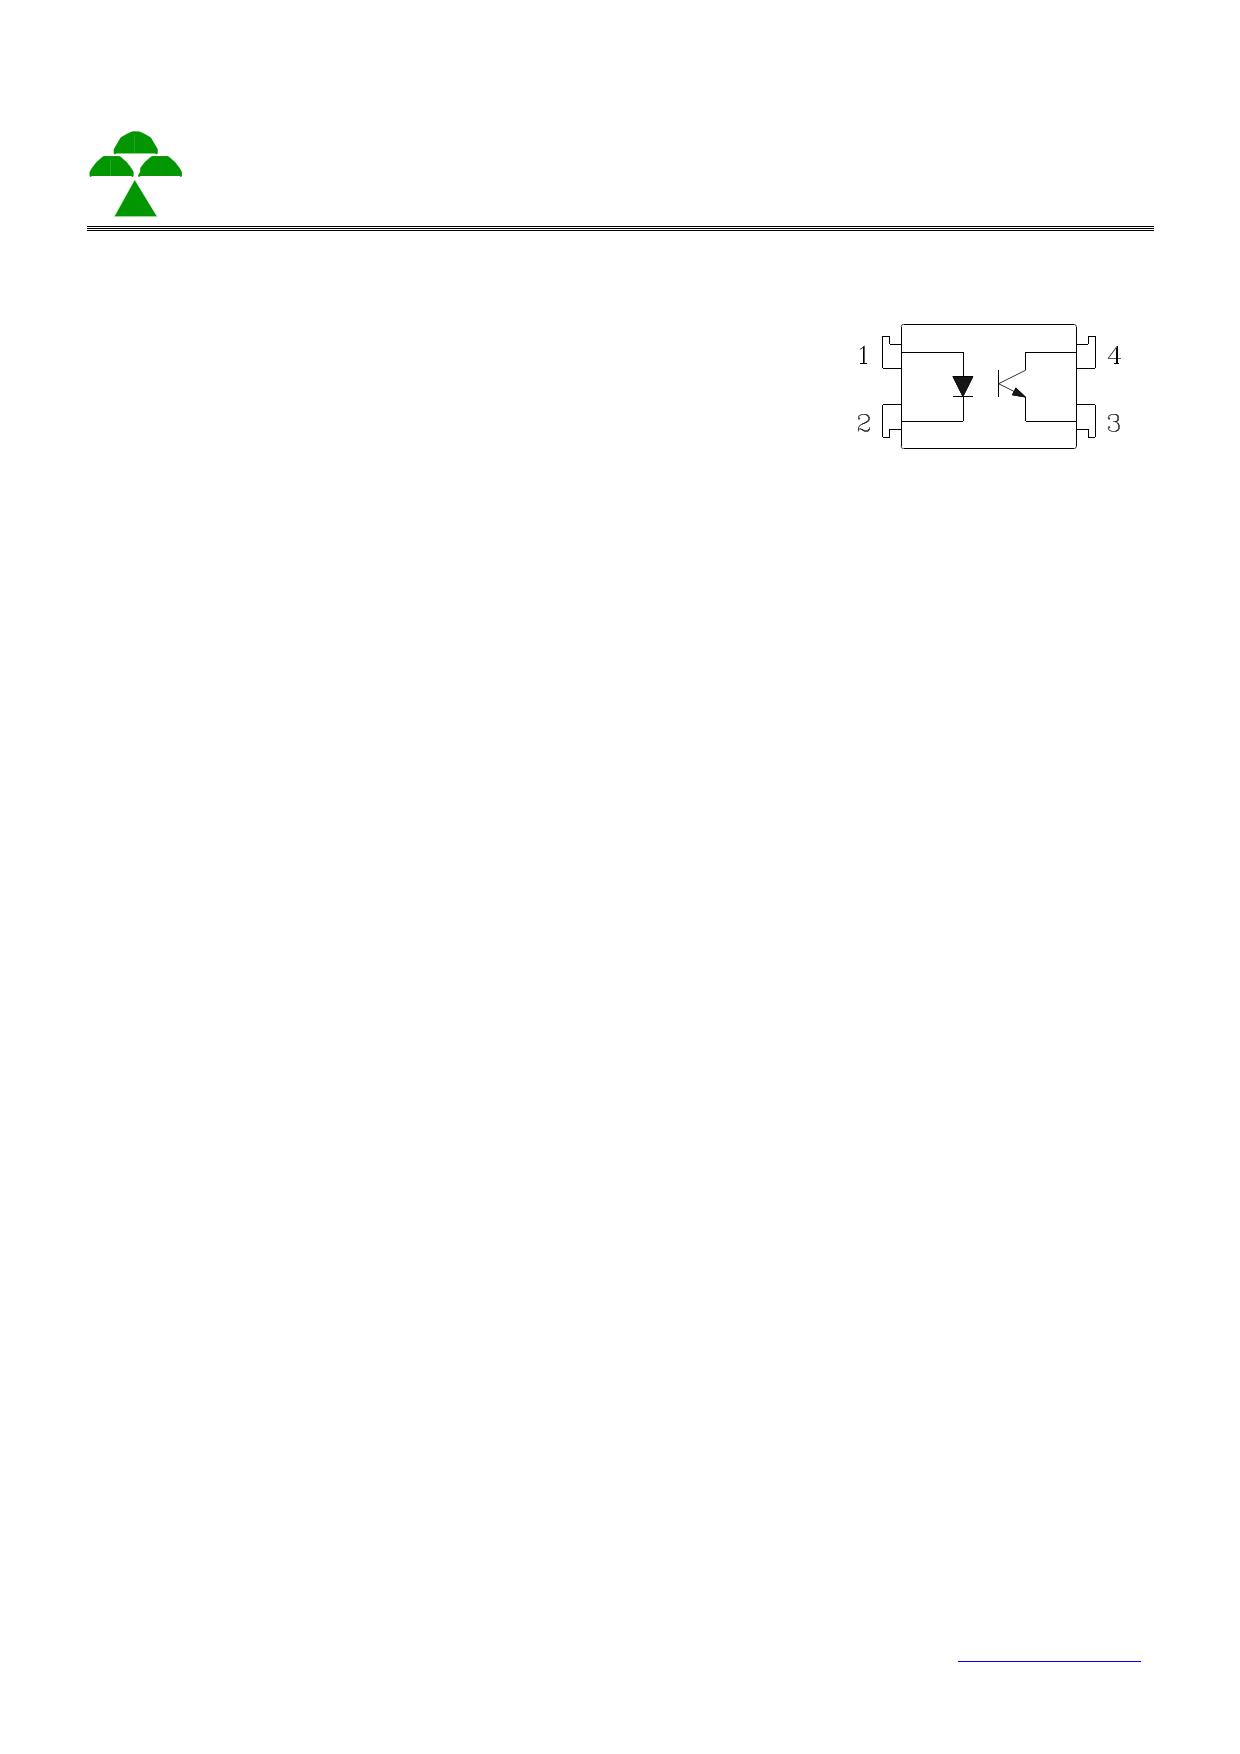 K10103X Hoja de datos, Descripción, Manual